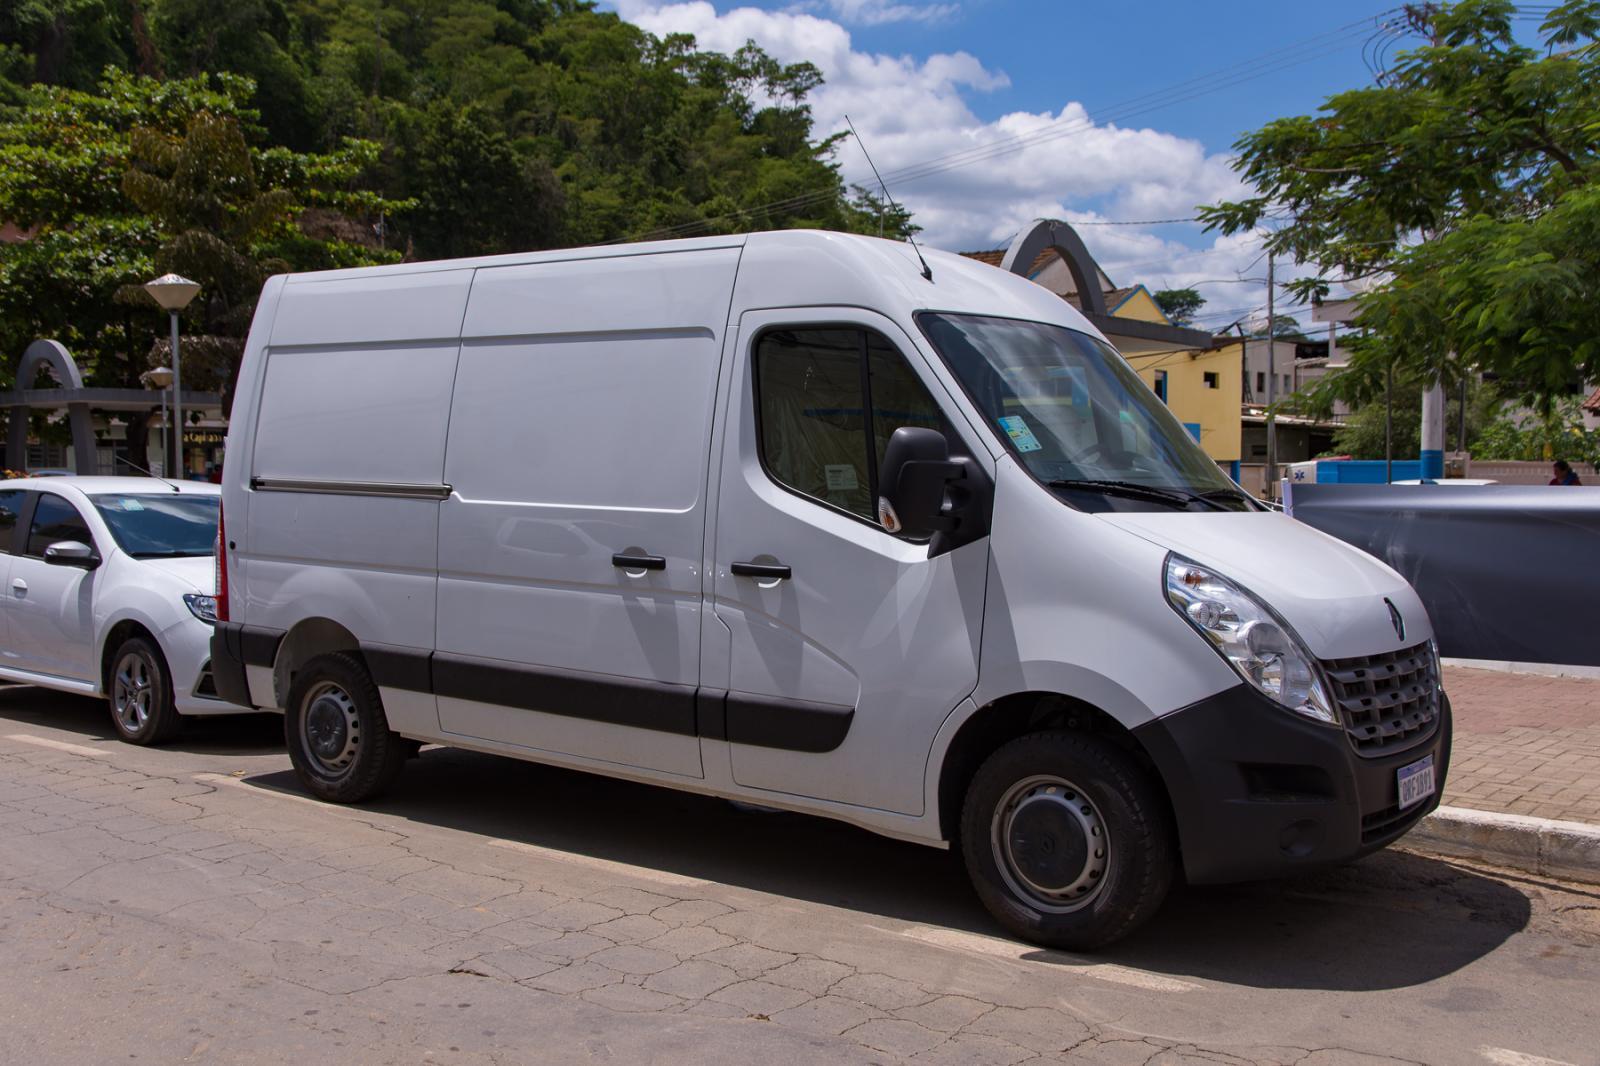 Frota municipal recebe oito veículos e um trator agrícola